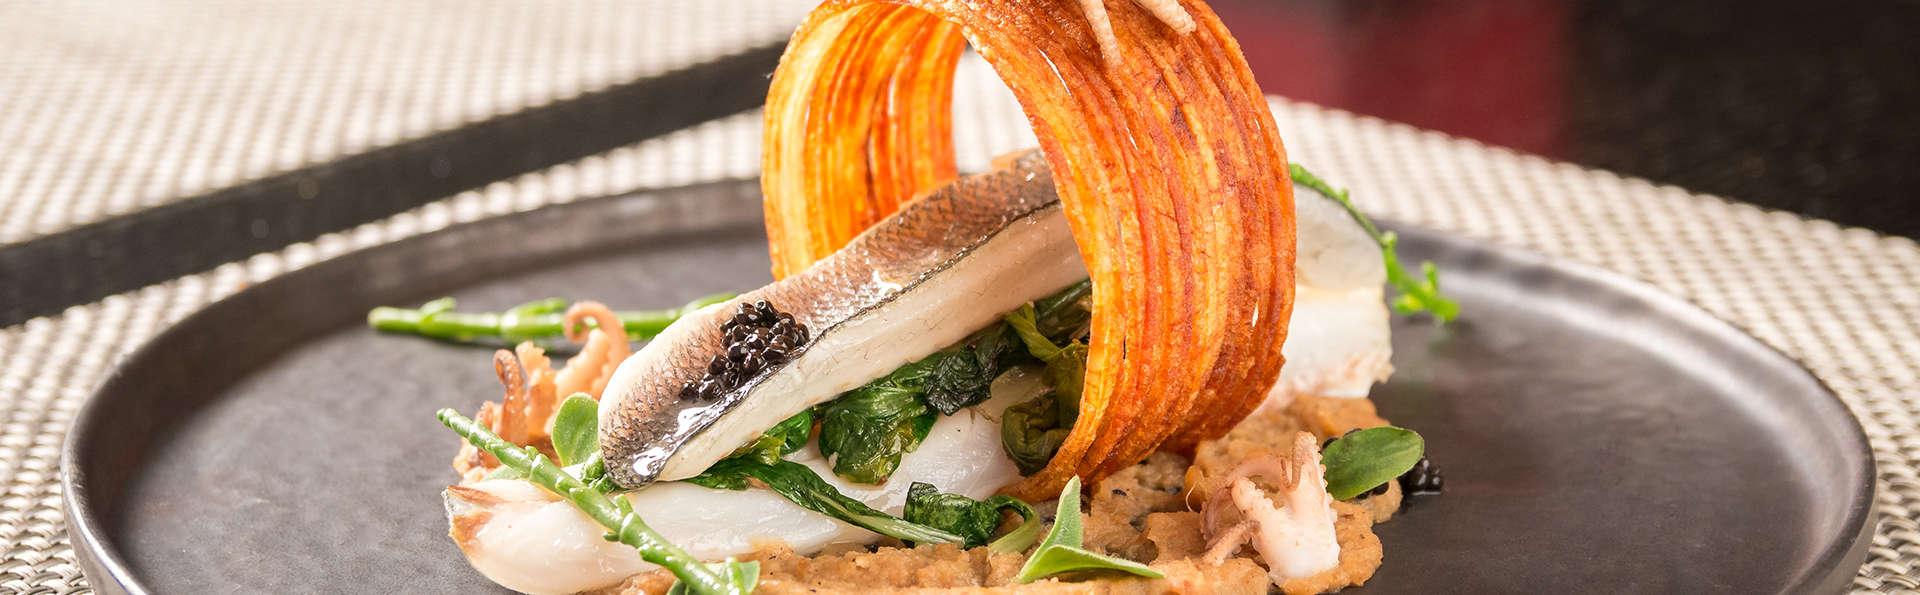 Délices culinaires au cœur de Bruxelles